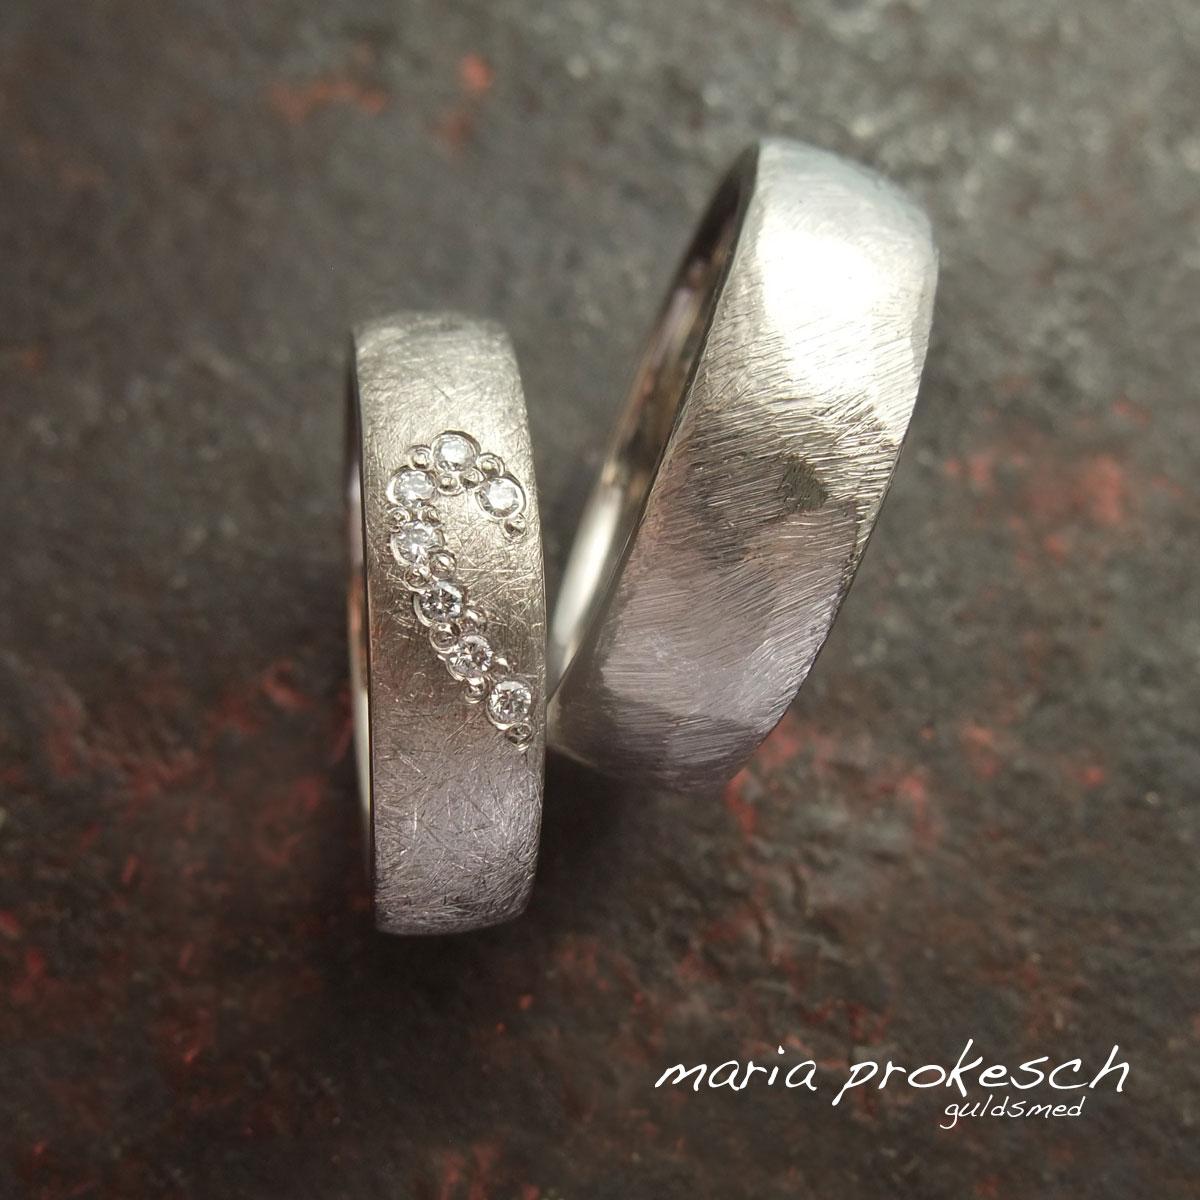 Kærlighedsringe med sten, hvide diamanter, der sidder i et halvt hjerte i kvindens ring. Begge ringe er i hvidguld med hver deres individuelle rustikke overflade